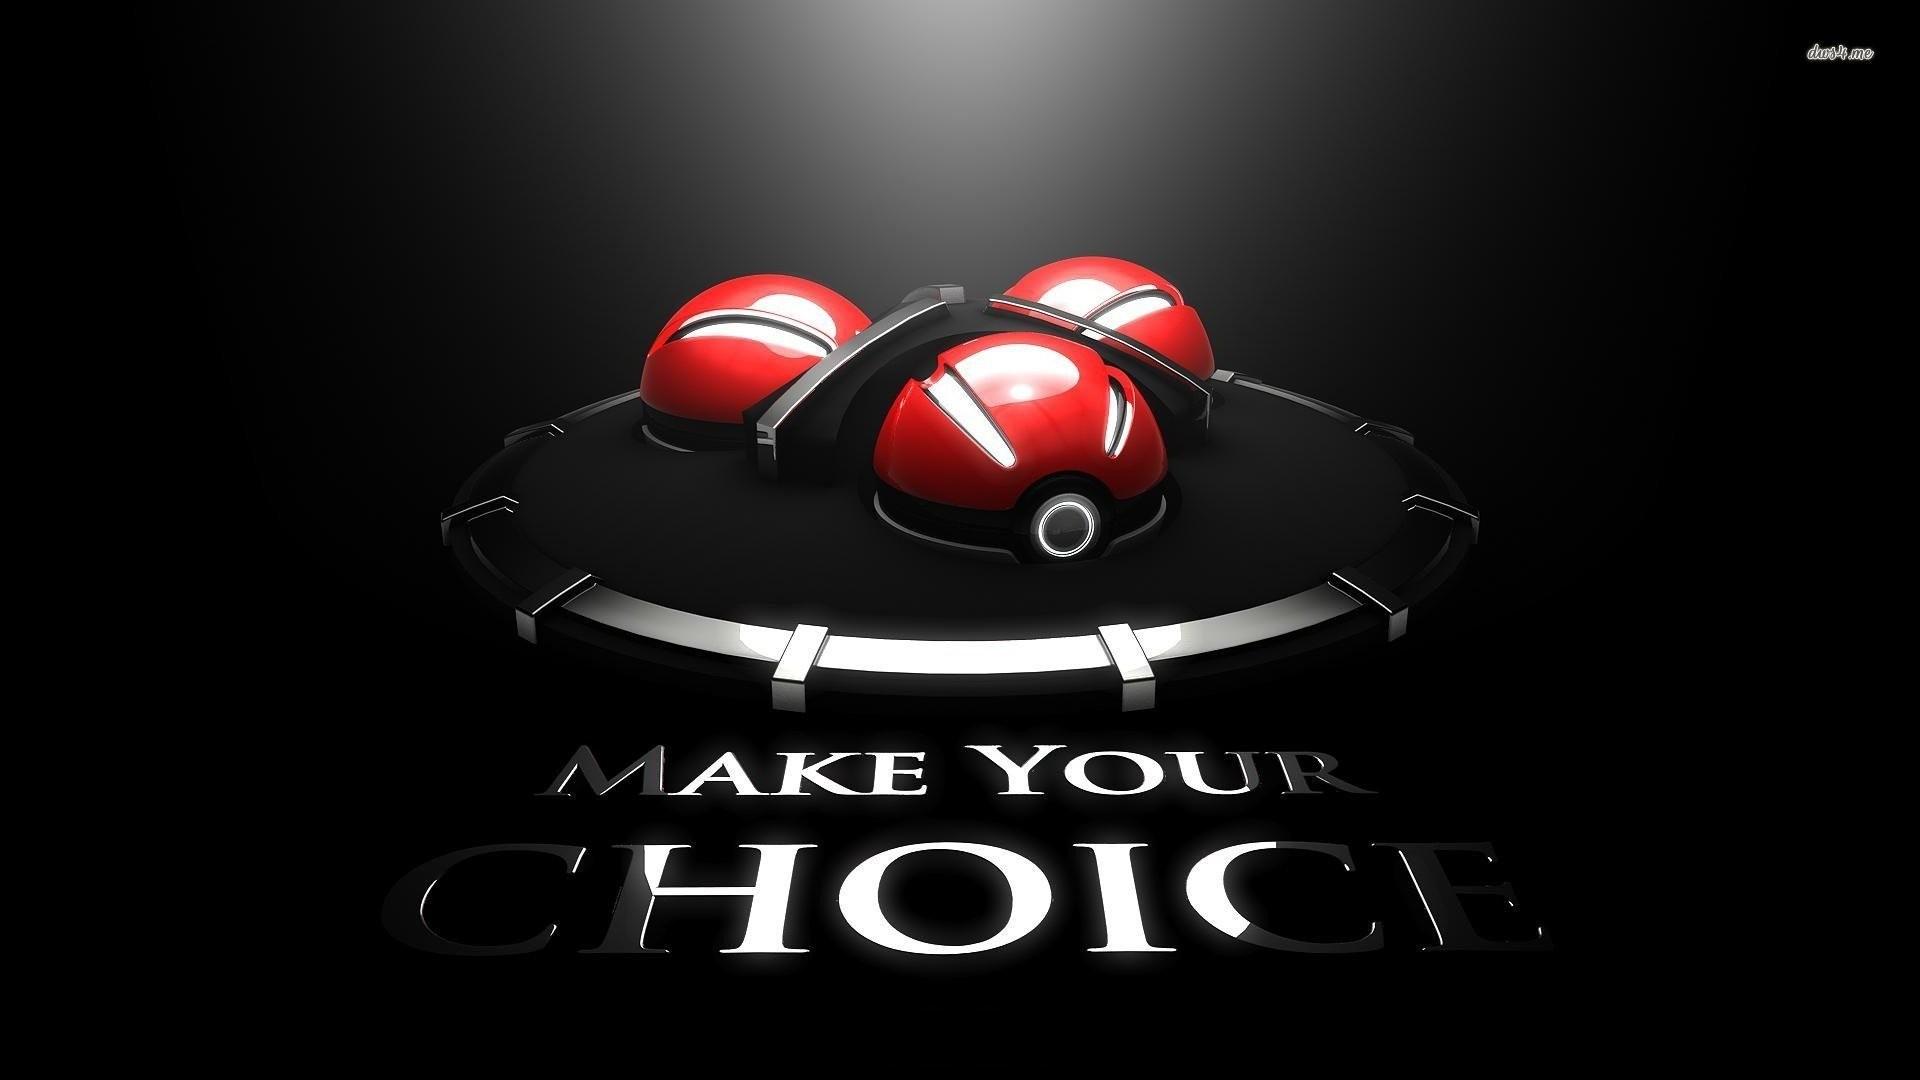 Make Your Choice. SHARE. TAGS: Pokeball Pokemon